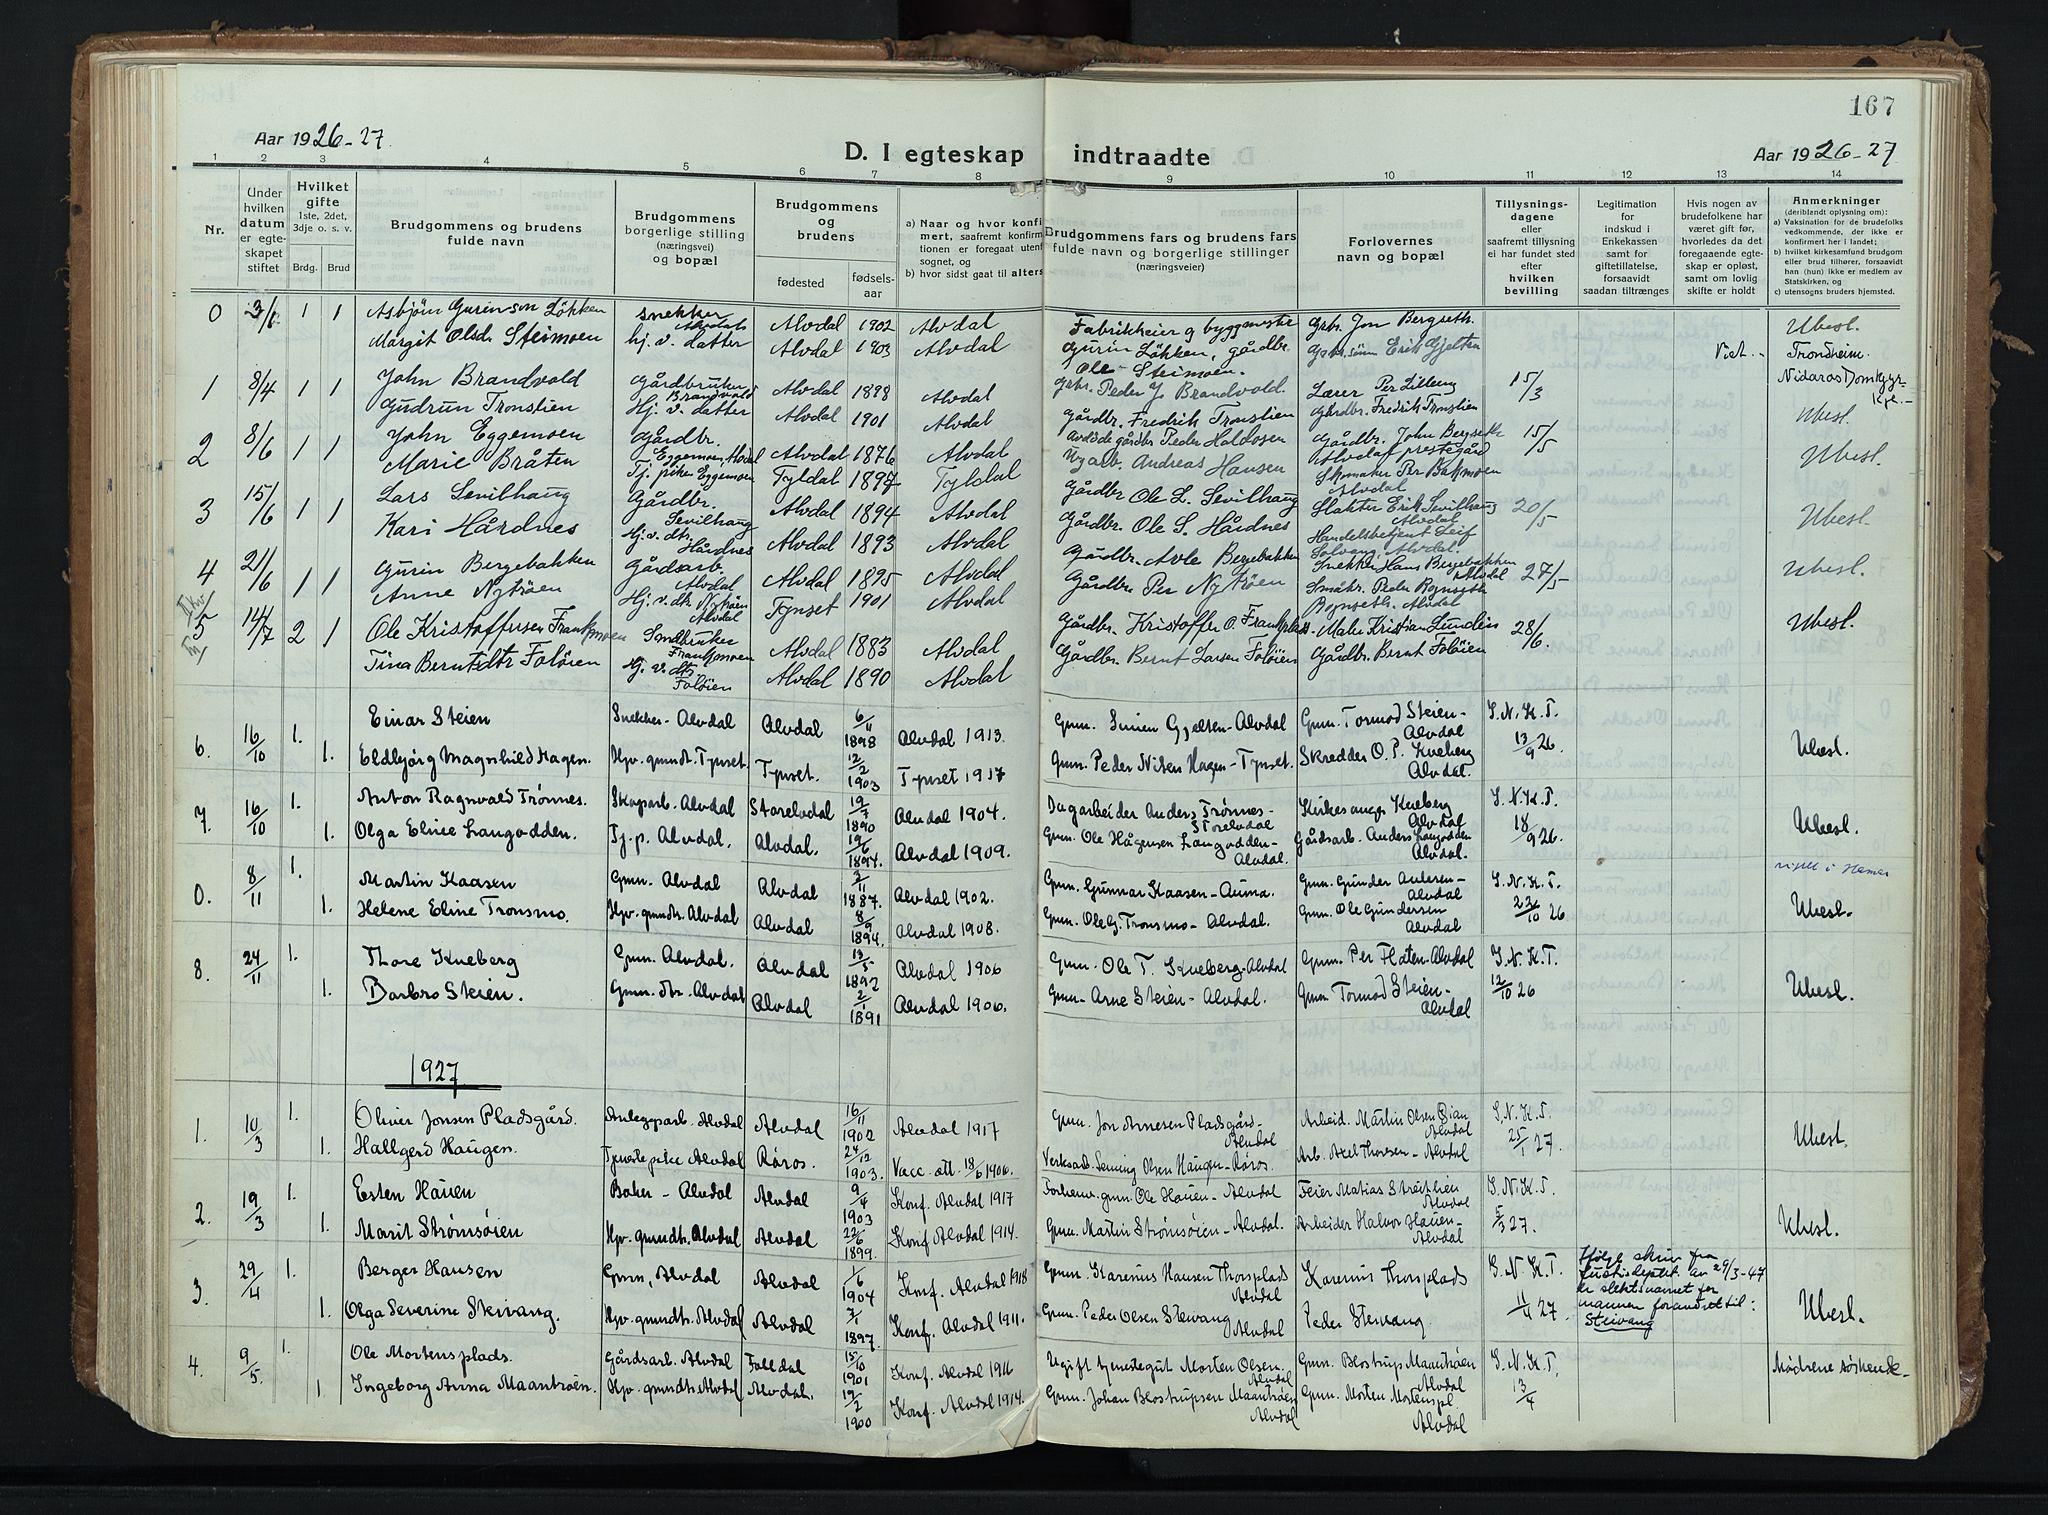 SAH, Alvdal prestekontor, Ministerialbok nr. 6, 1920-1937, s. 167